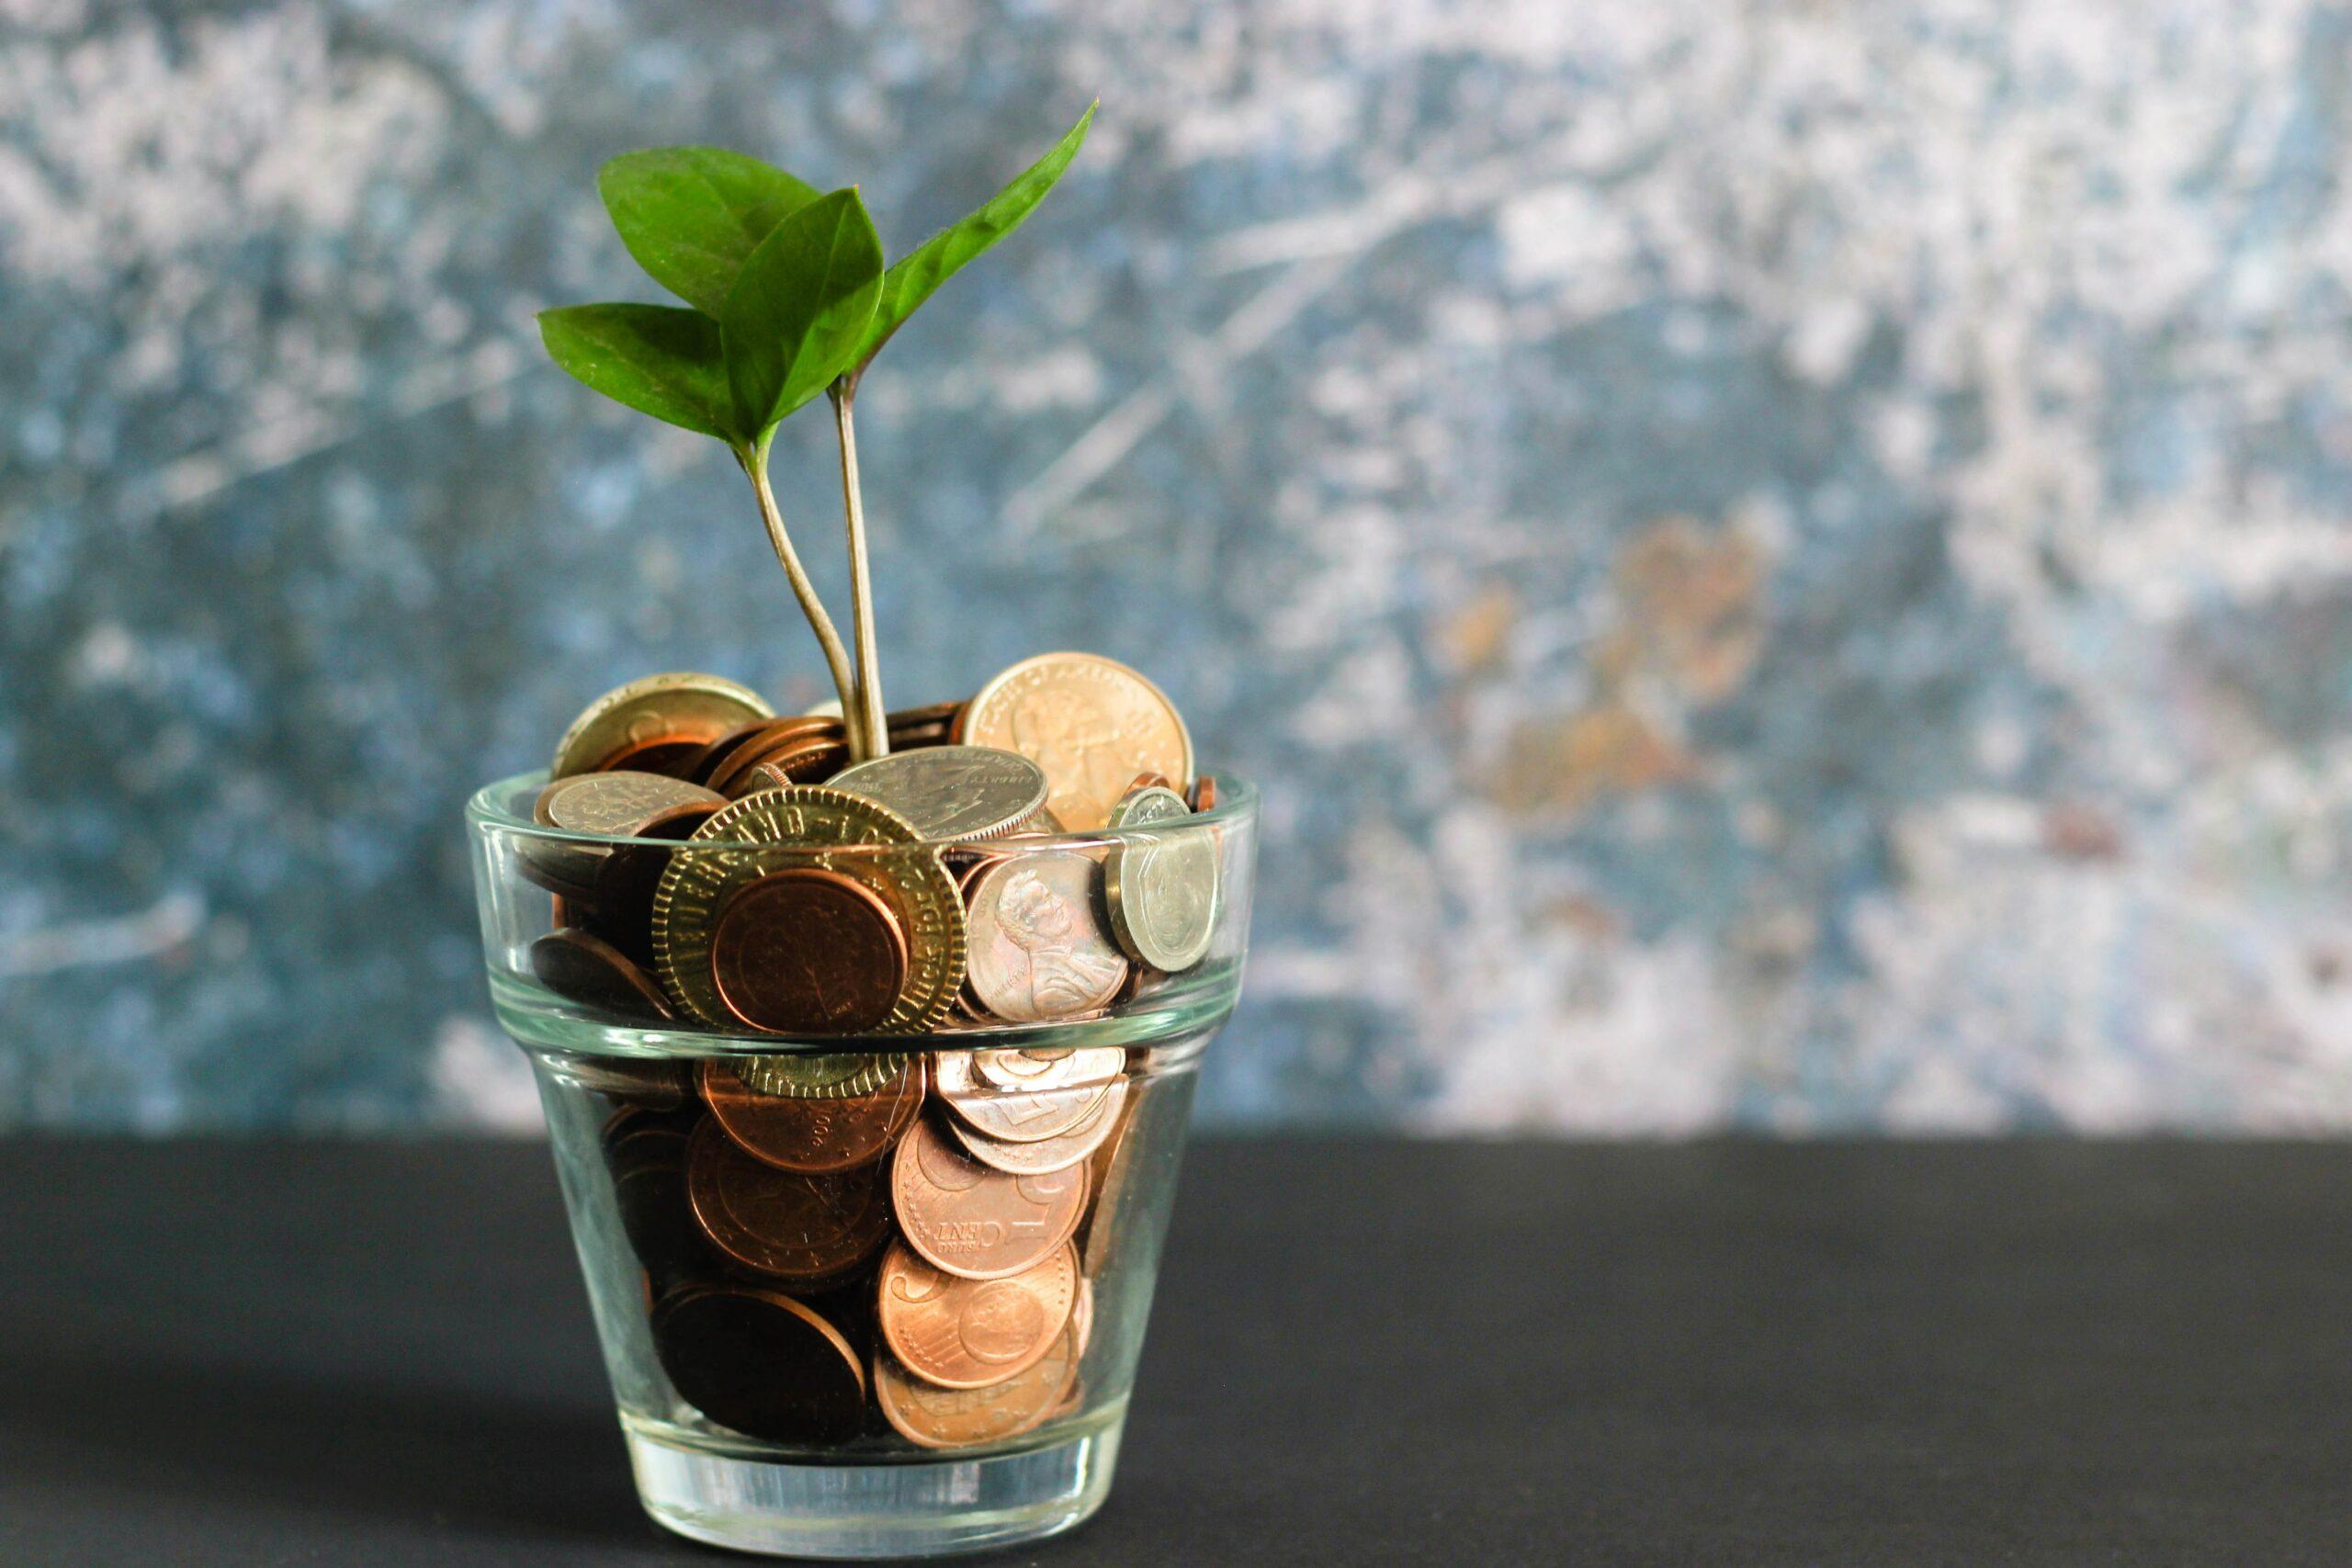 Das Bild zeigt ein Glas gefüllt mit Geldmünzen aus dem eine kleine Pflanze wächst.